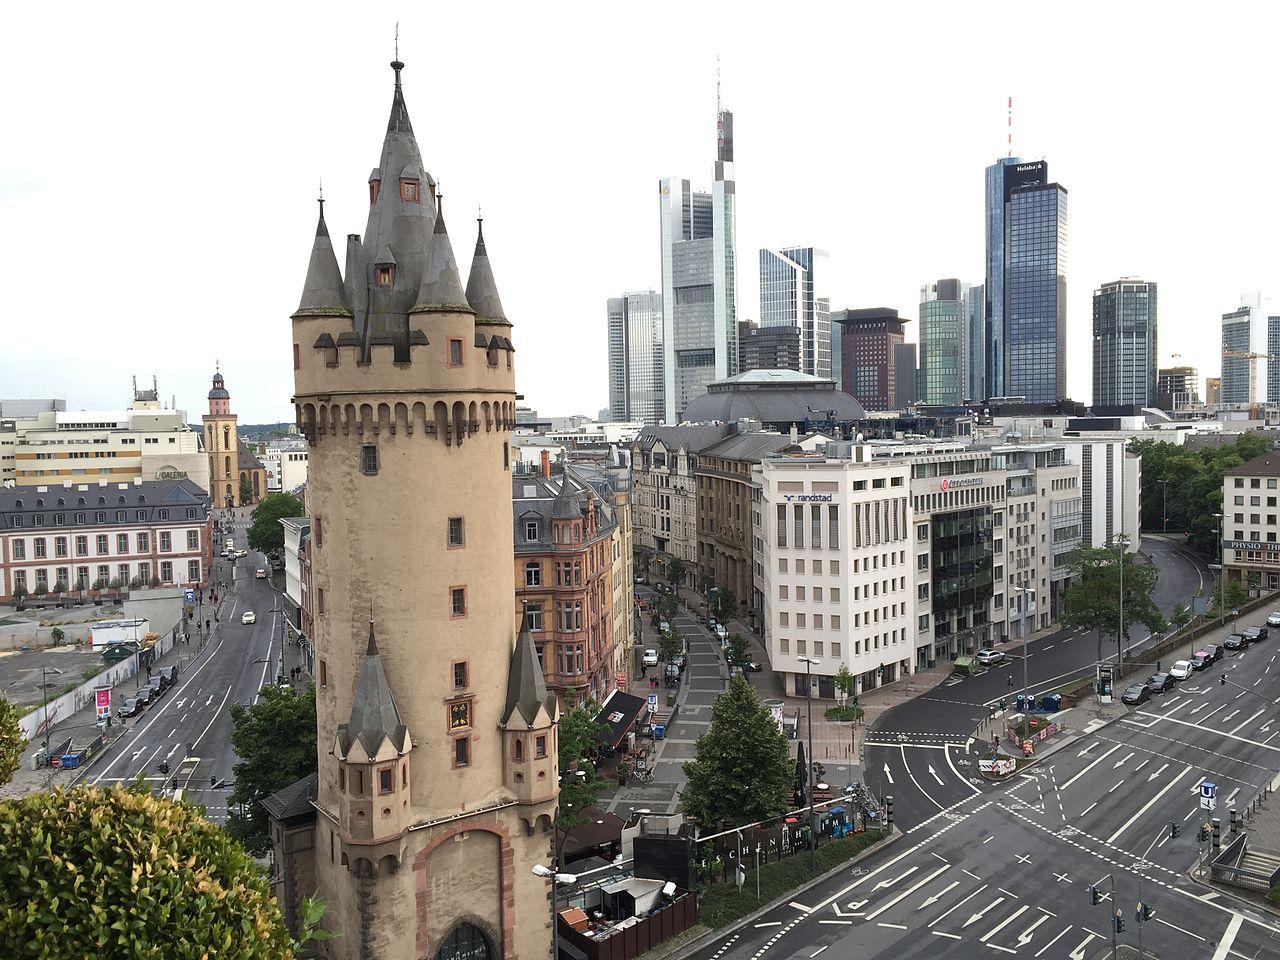 Flemings Hotel Frankfurt Rooftop